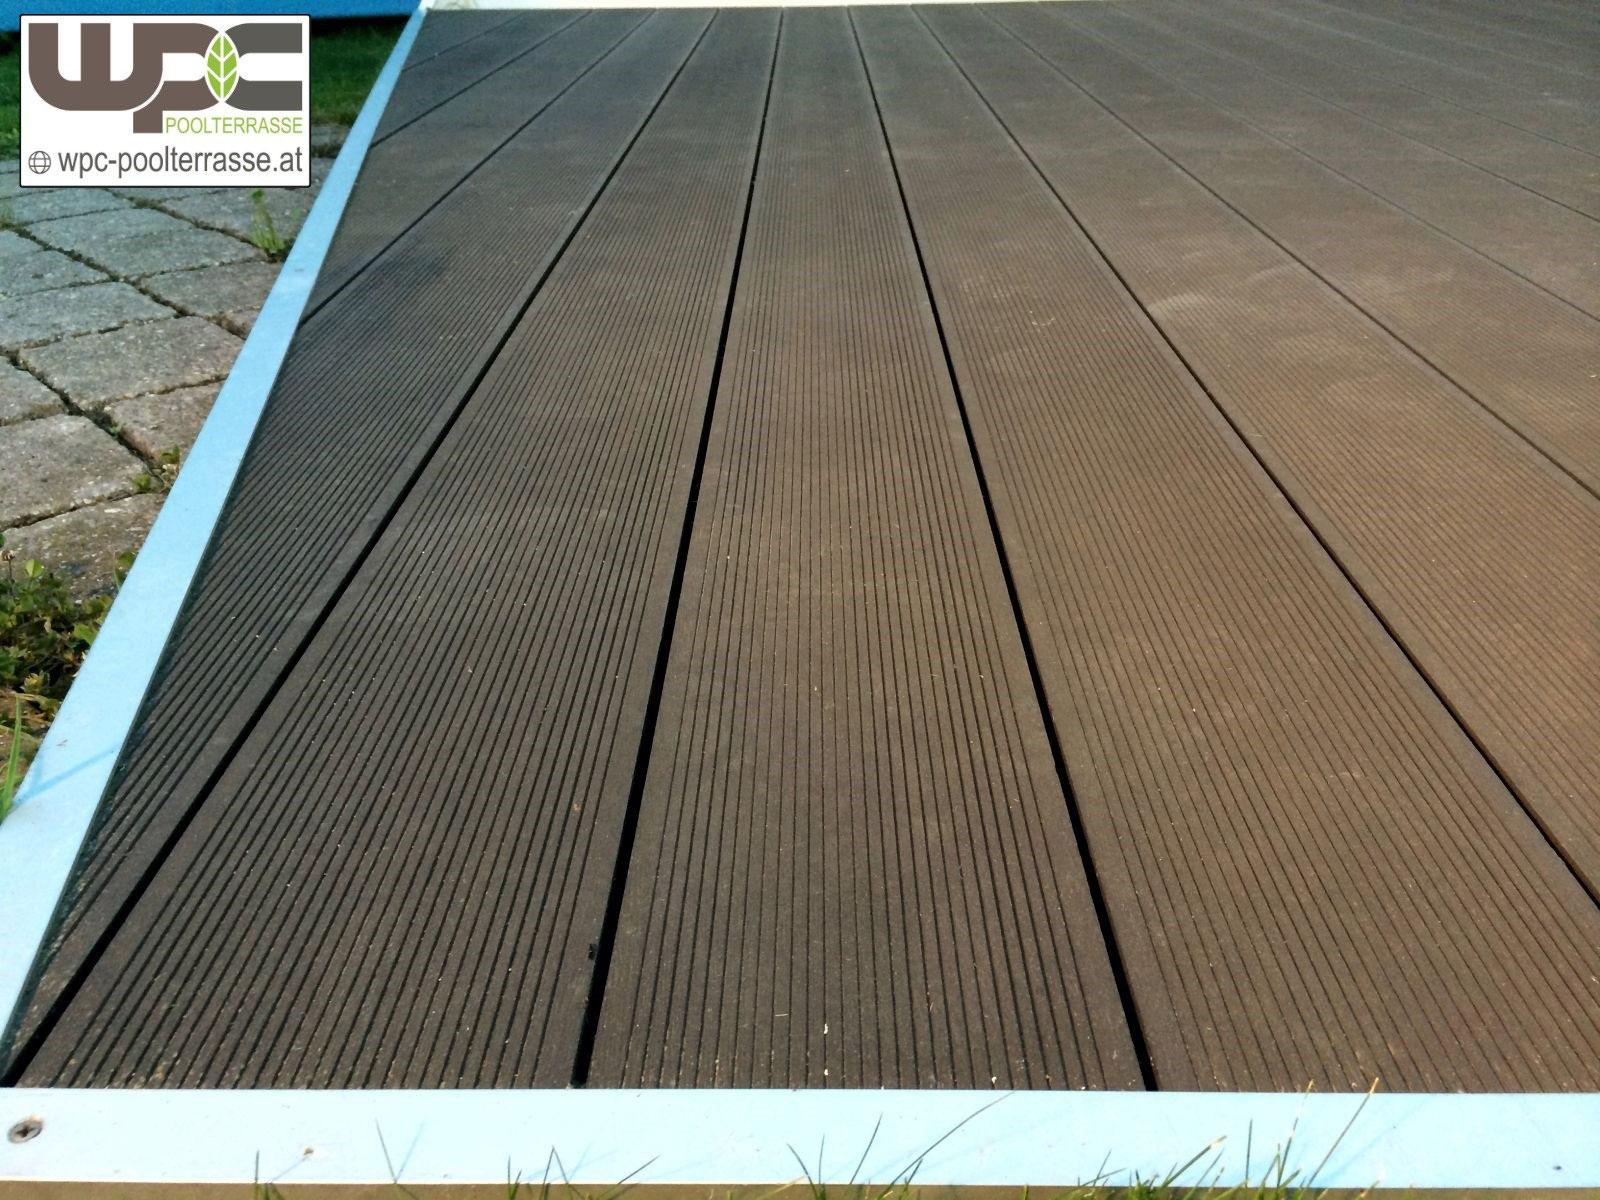 Bambus Wpc Anthrazit Belastung Test Erfahrung Haltbarkeit